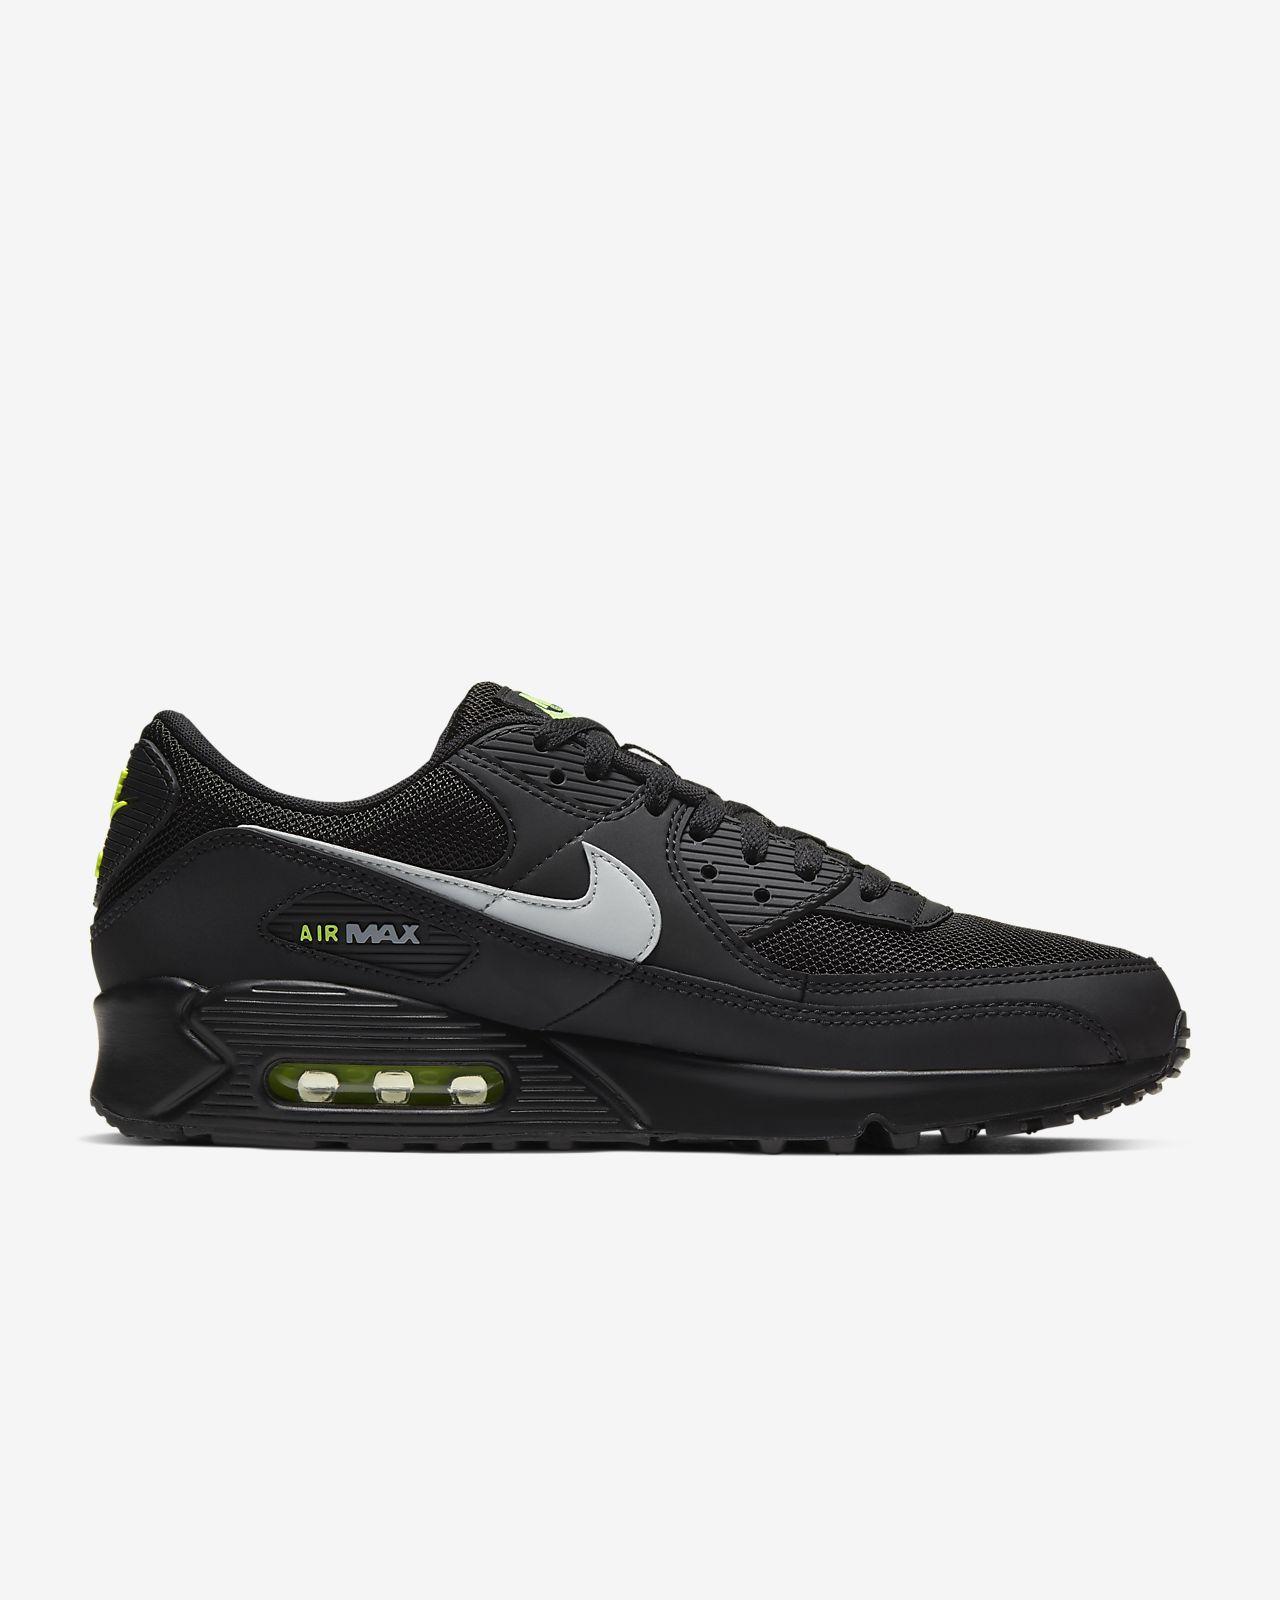 Achetez la meilleure marque Nike Air Max 90 Homme